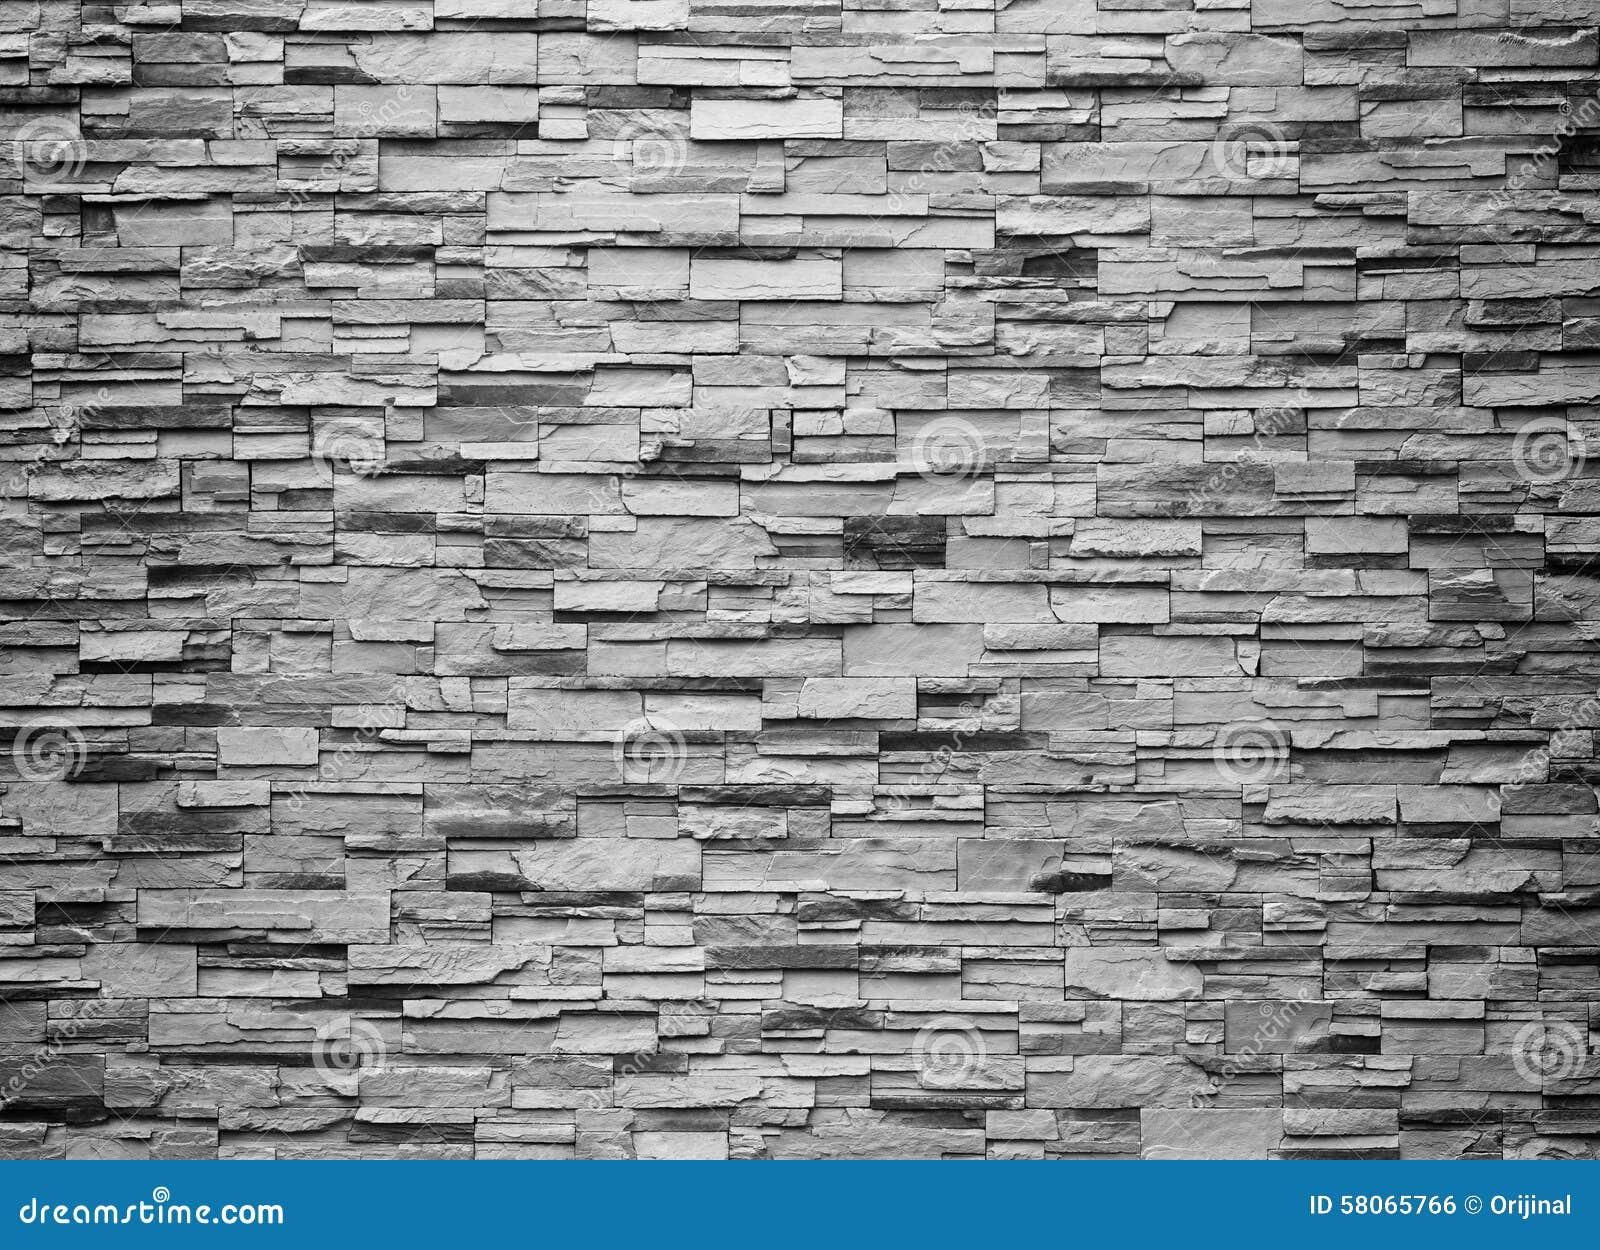 Textura de la pared de piedra para el fondo foto de archivo imagen de antiguo textura 58065766 - Piedras para pared ...